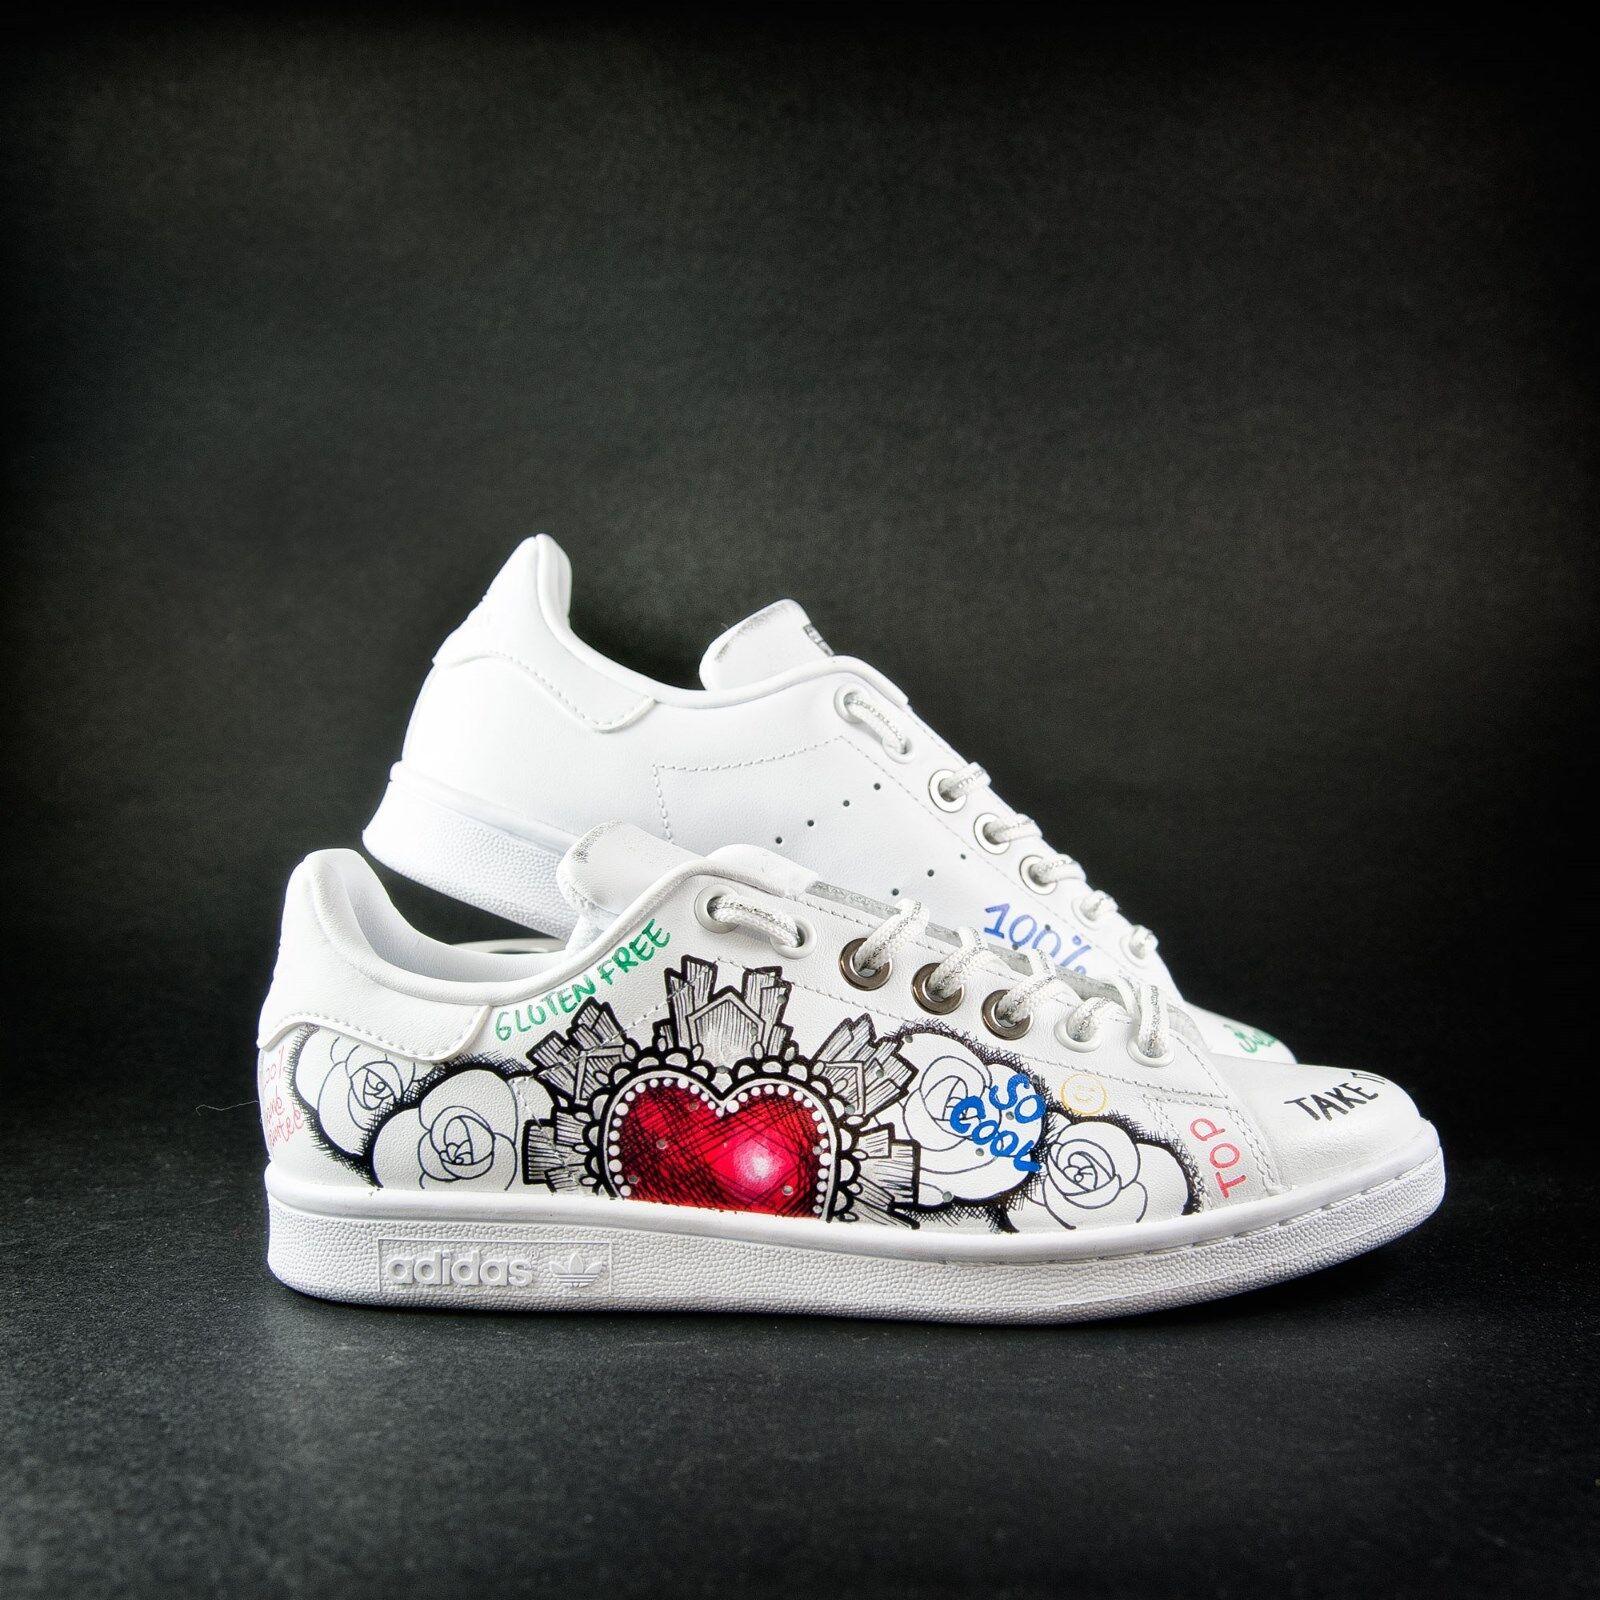 scarpe adidas stan smith dipinta a mano